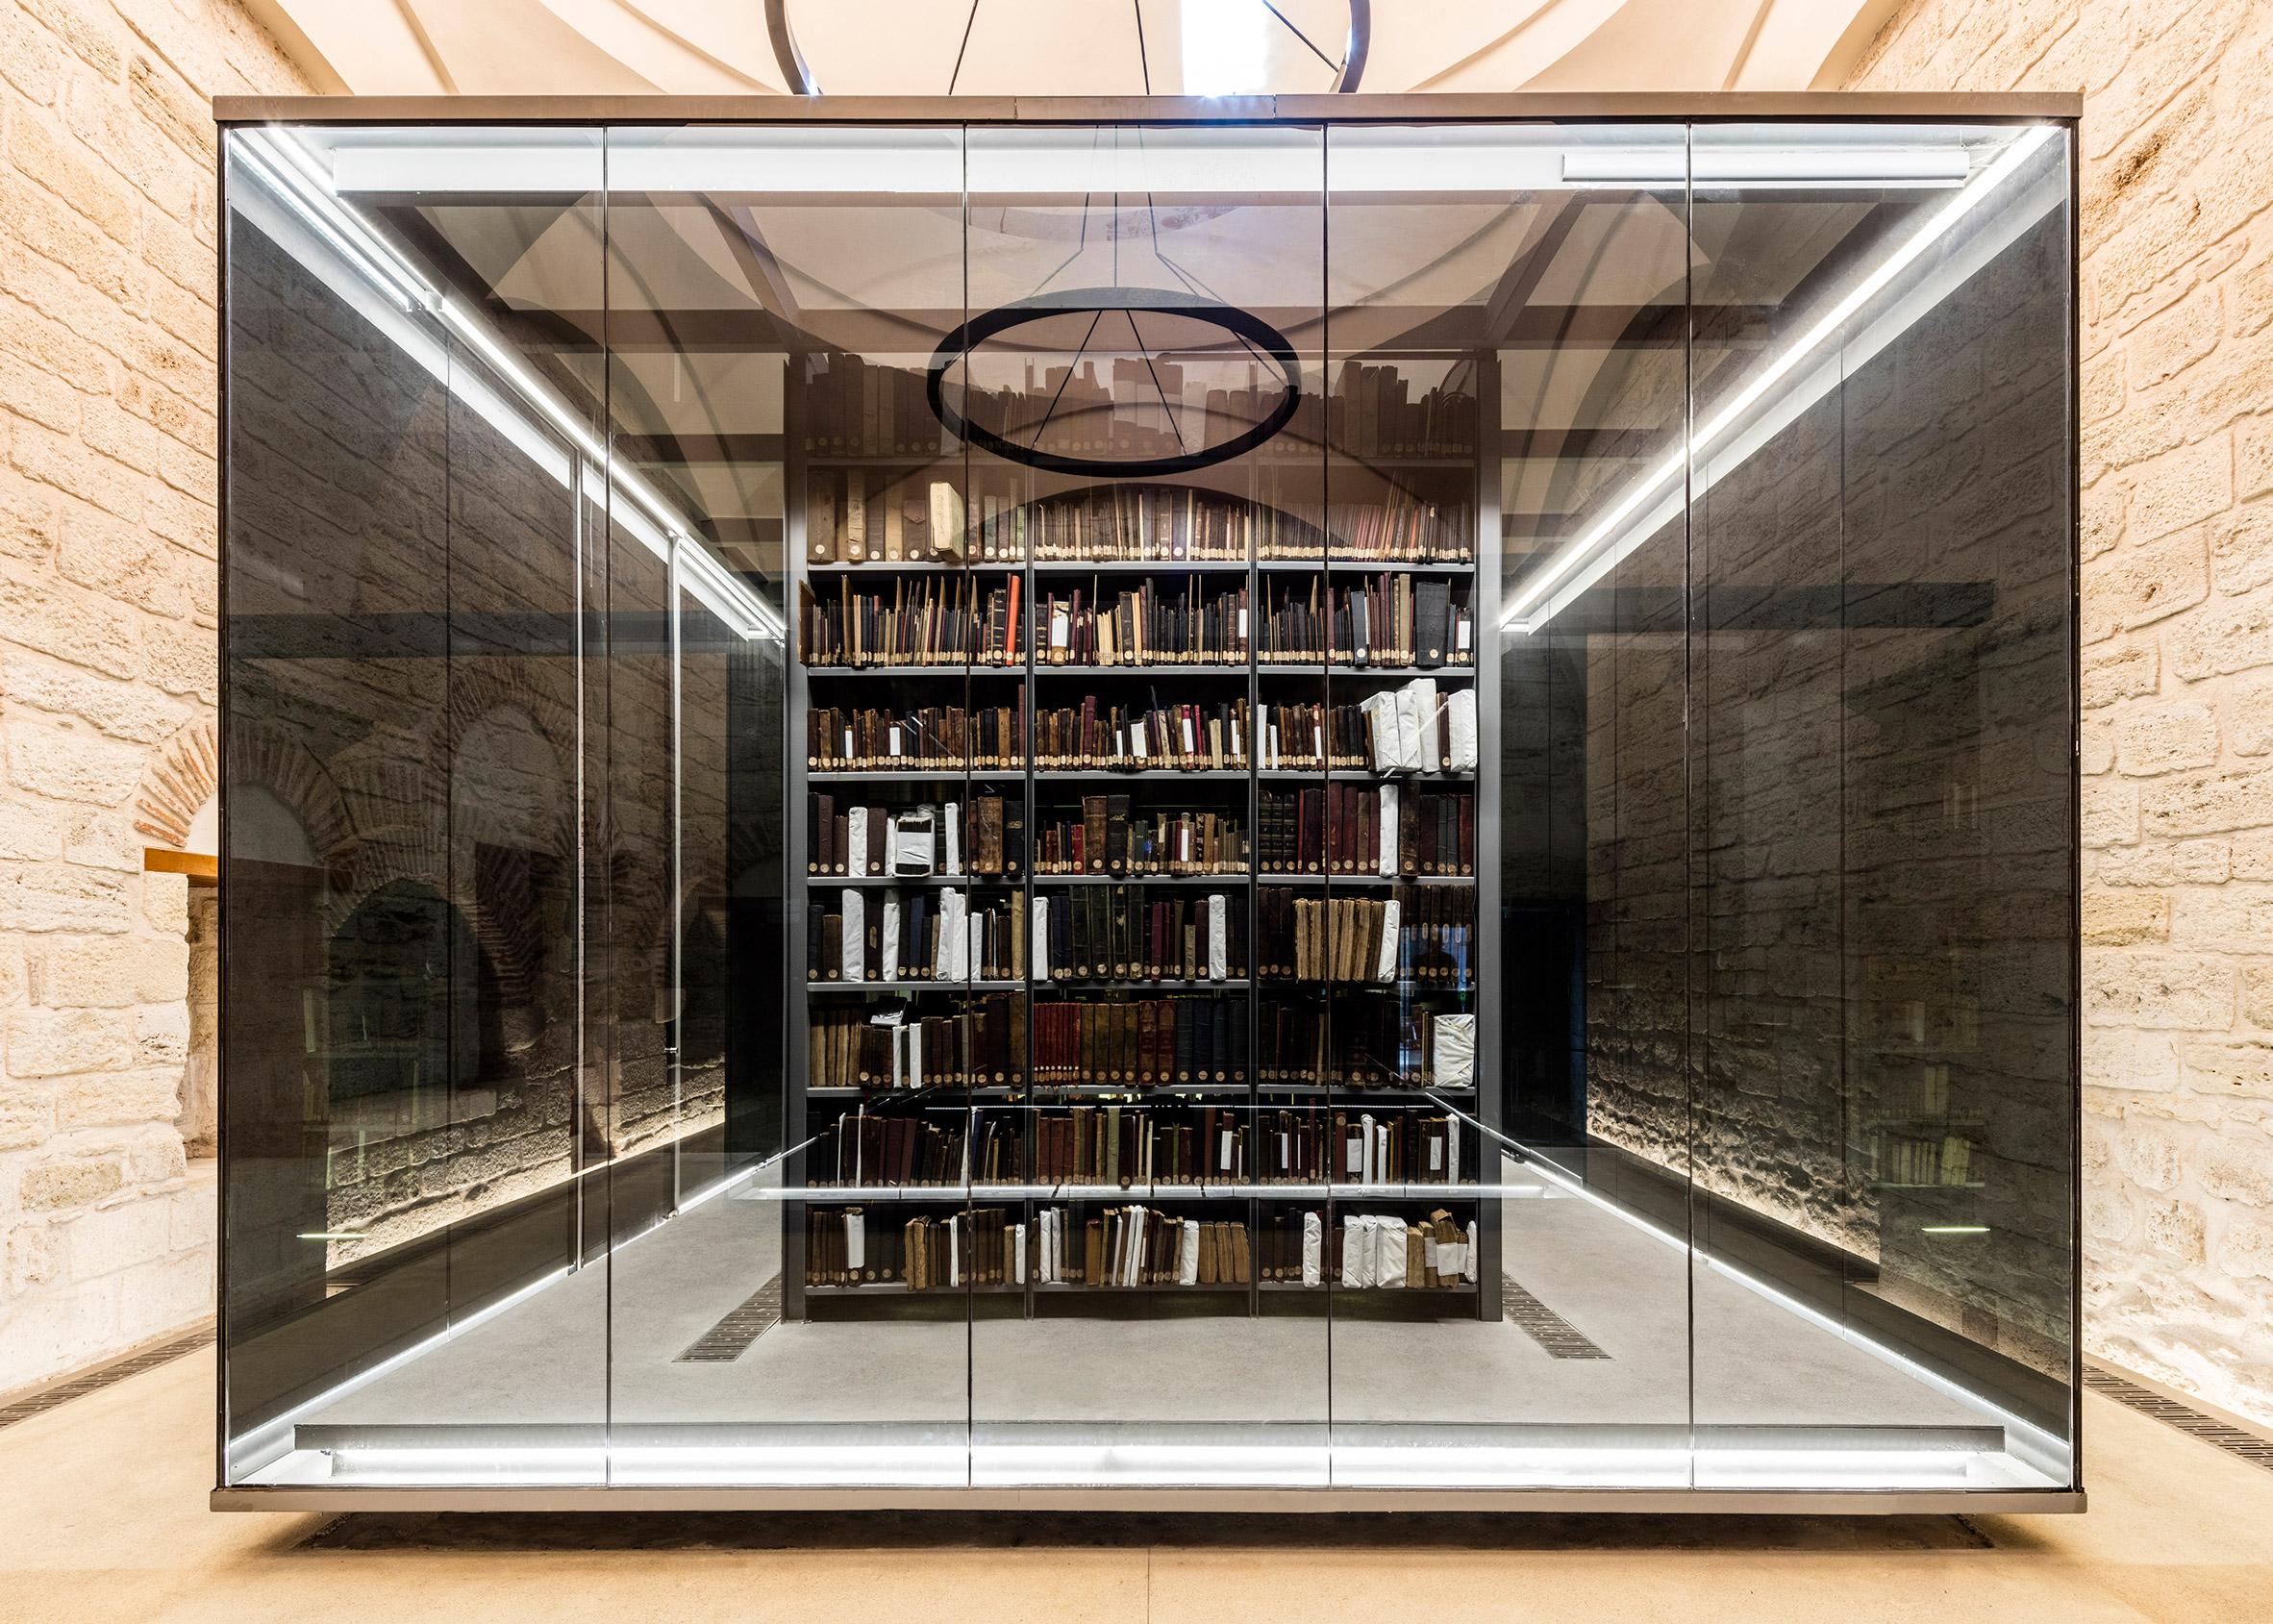 Beyazıt State Library Renovation, Istanbul, by Tabanlioglu Architects